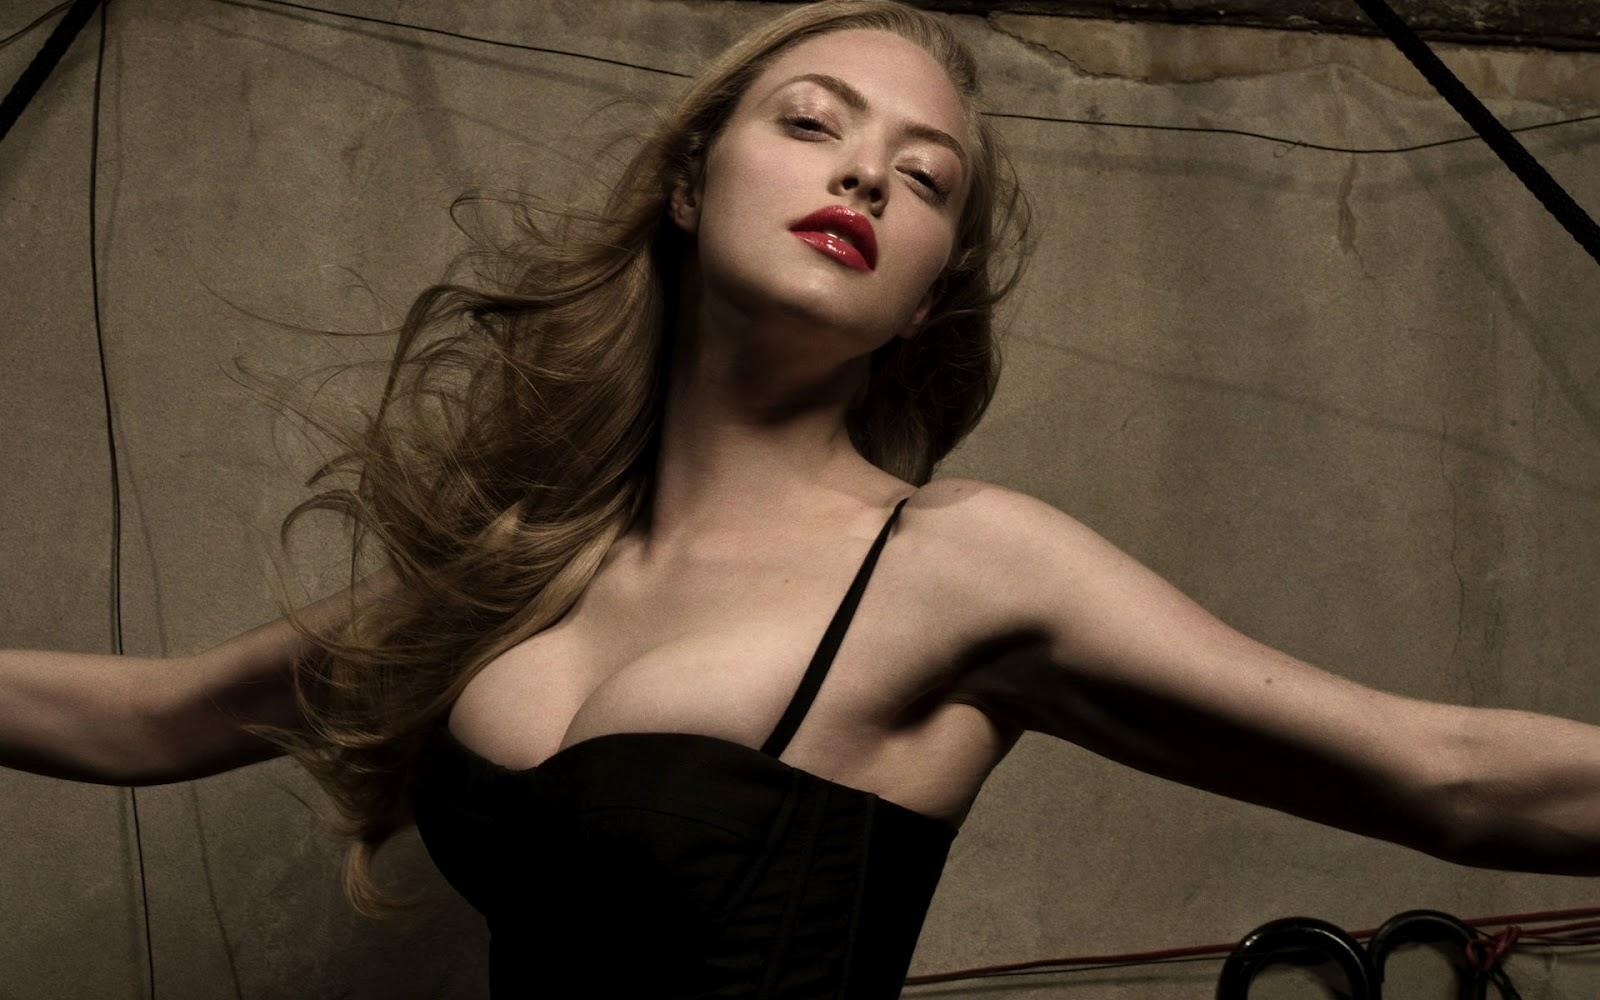 http://1.bp.blogspot.com/-TZqQYEFtl2k/UGoC5RNgzyI/AAAAAAAABZY/JI-fegkf02I/s1600/Amanda+Seyfried--0012.jpg